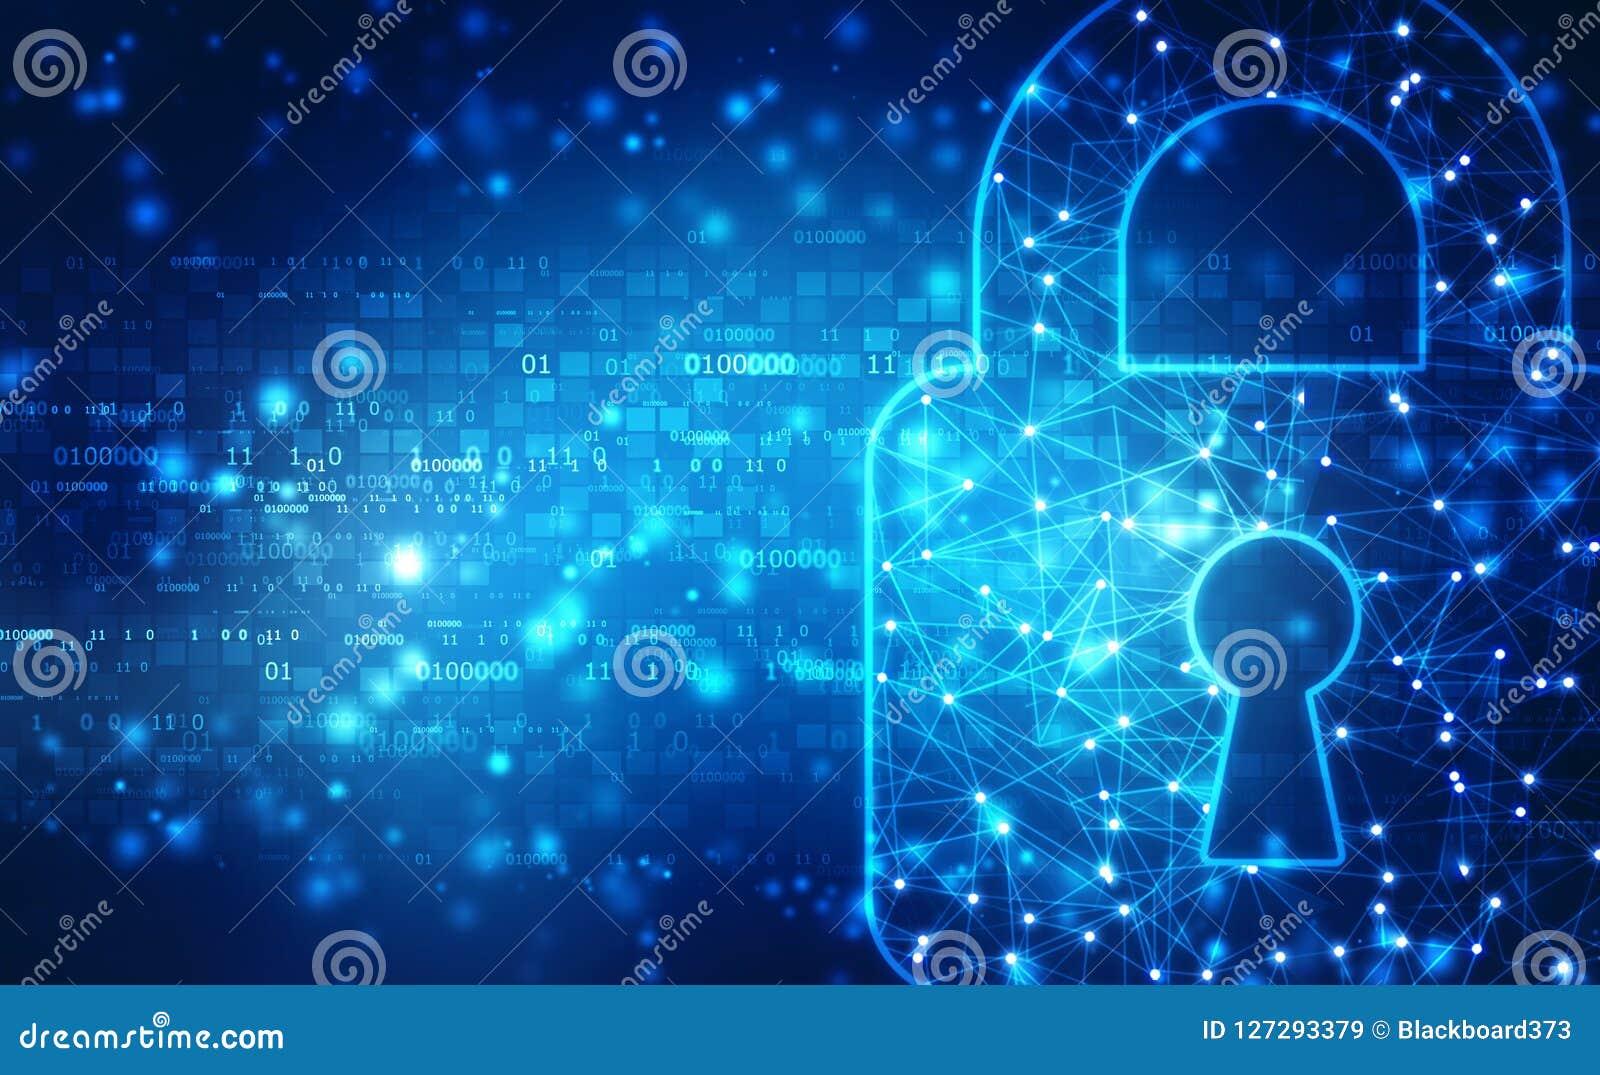 Stängd hänglås på digital bakgrund, Cybersäkerhet och internetsäkerhet